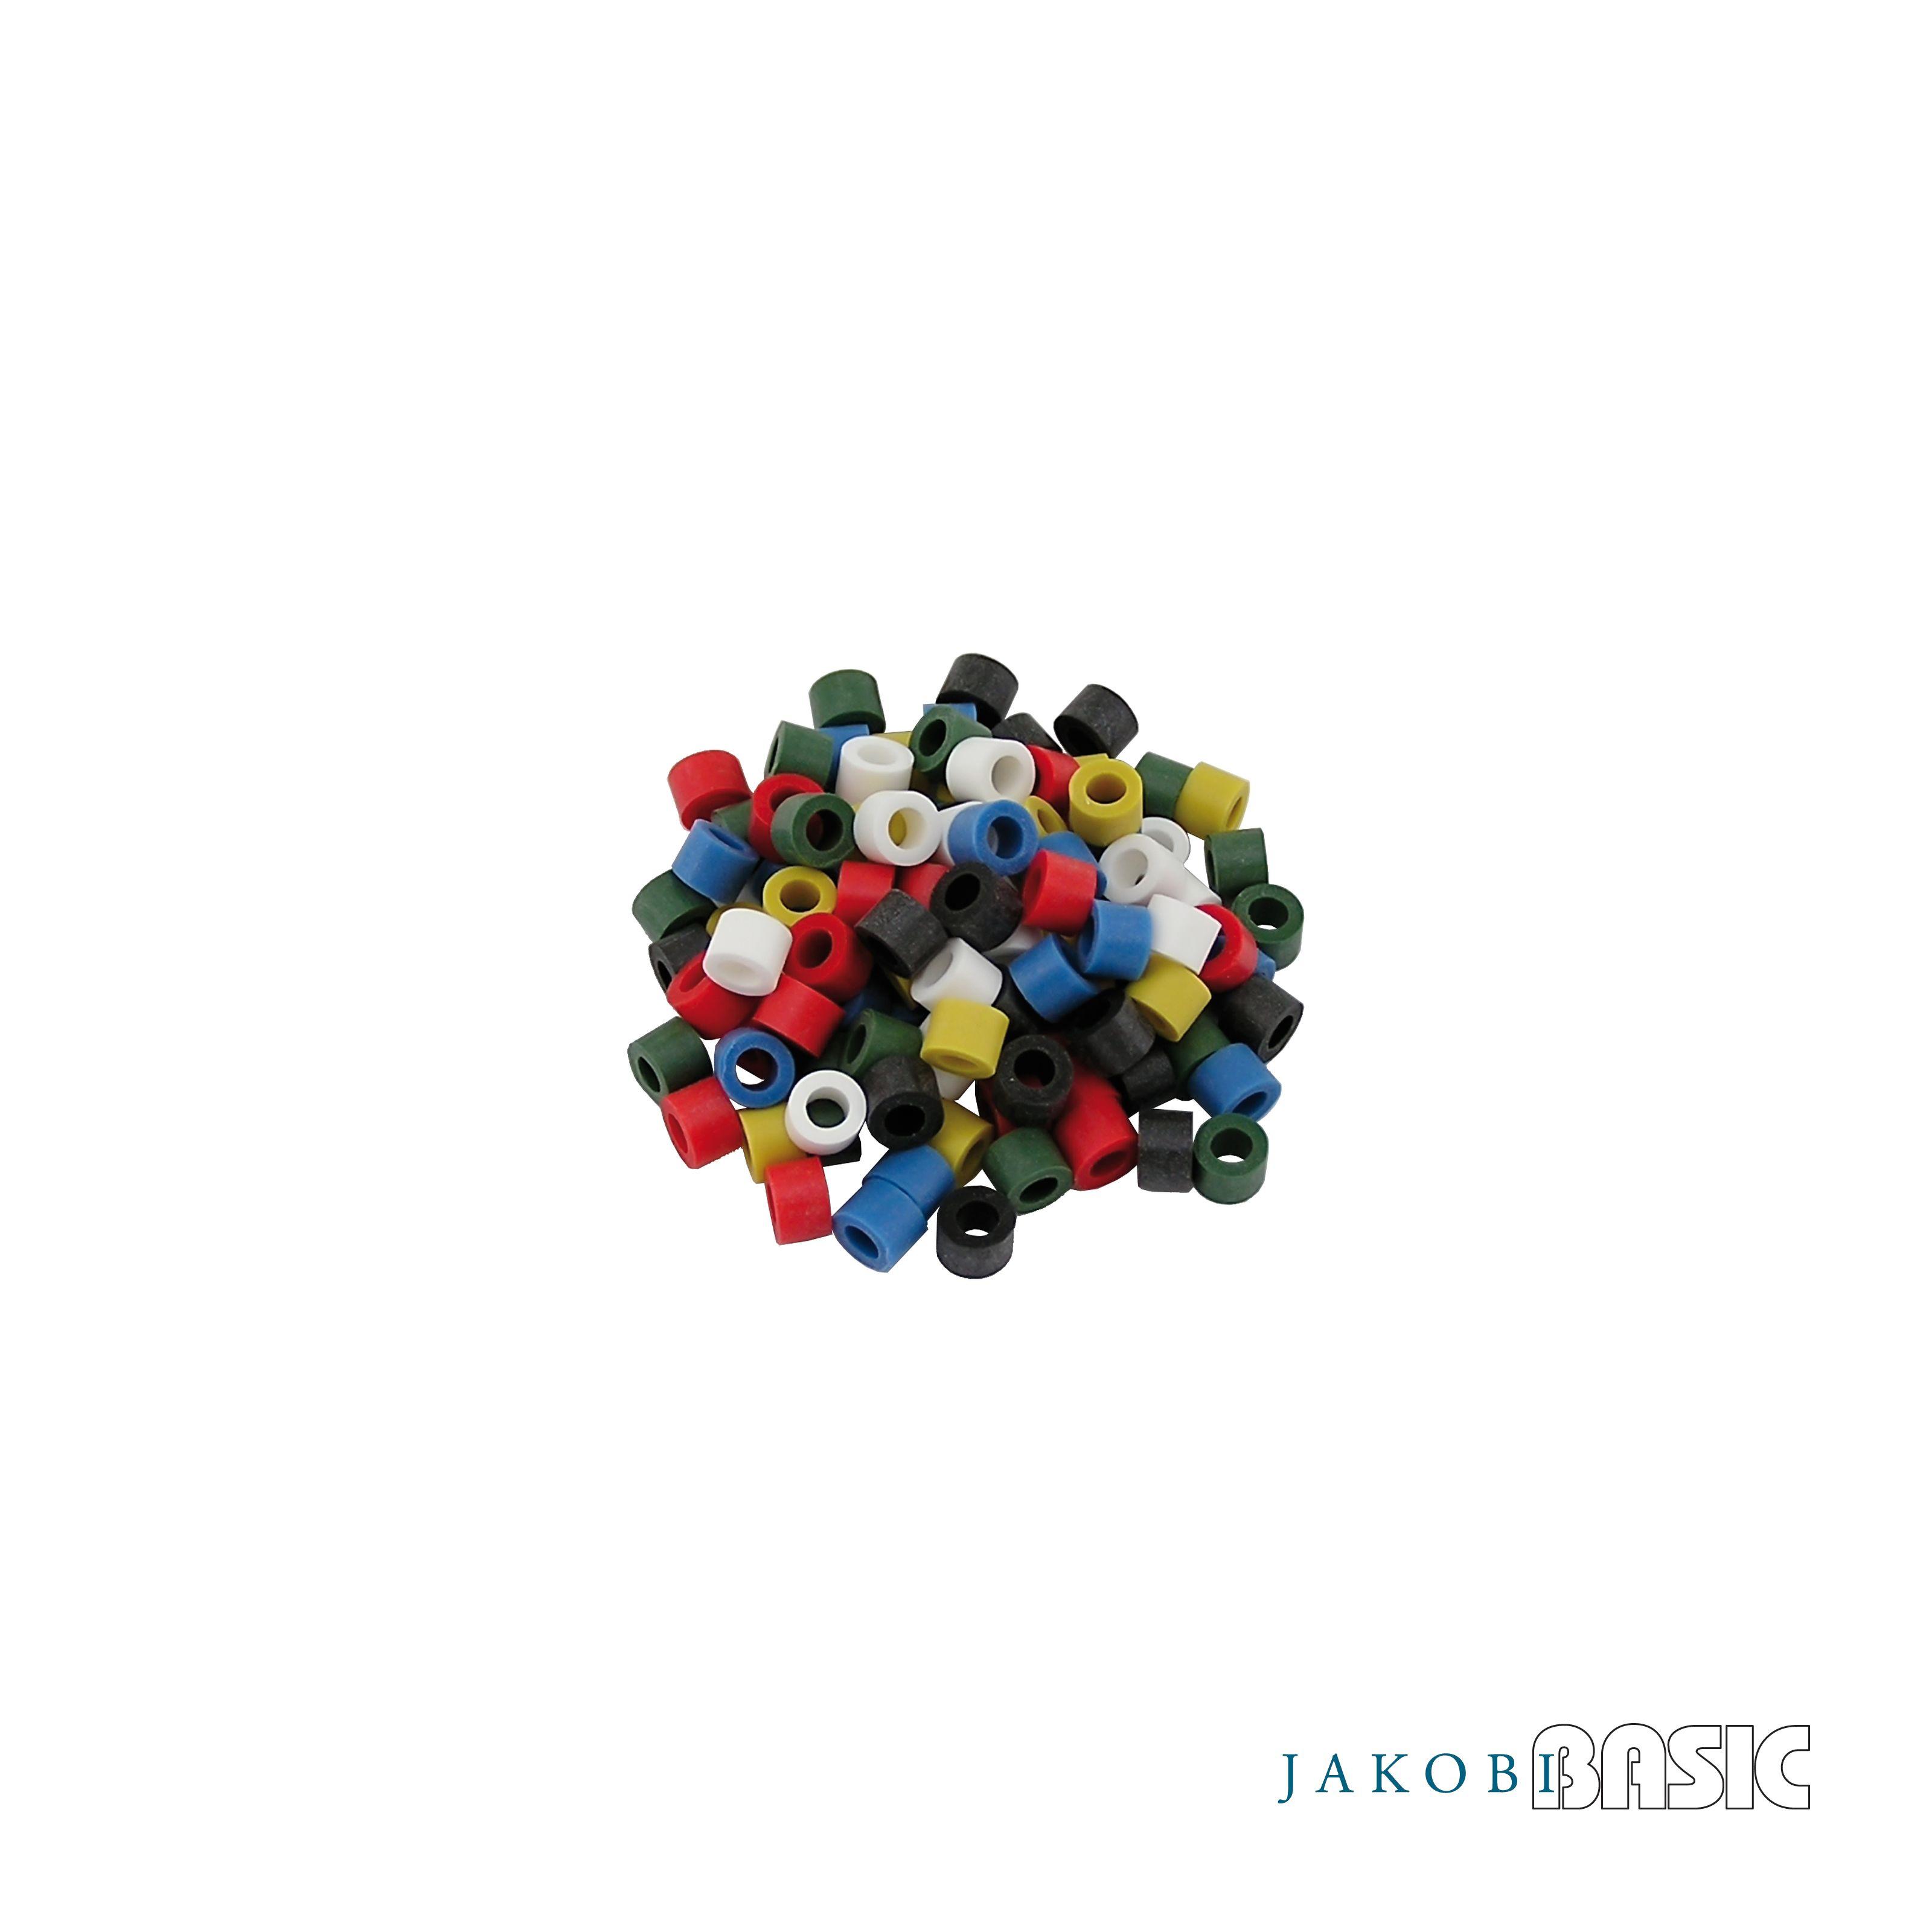 Farbkodierungsringe für JakobiBasic Griff # 4, 50Stk.